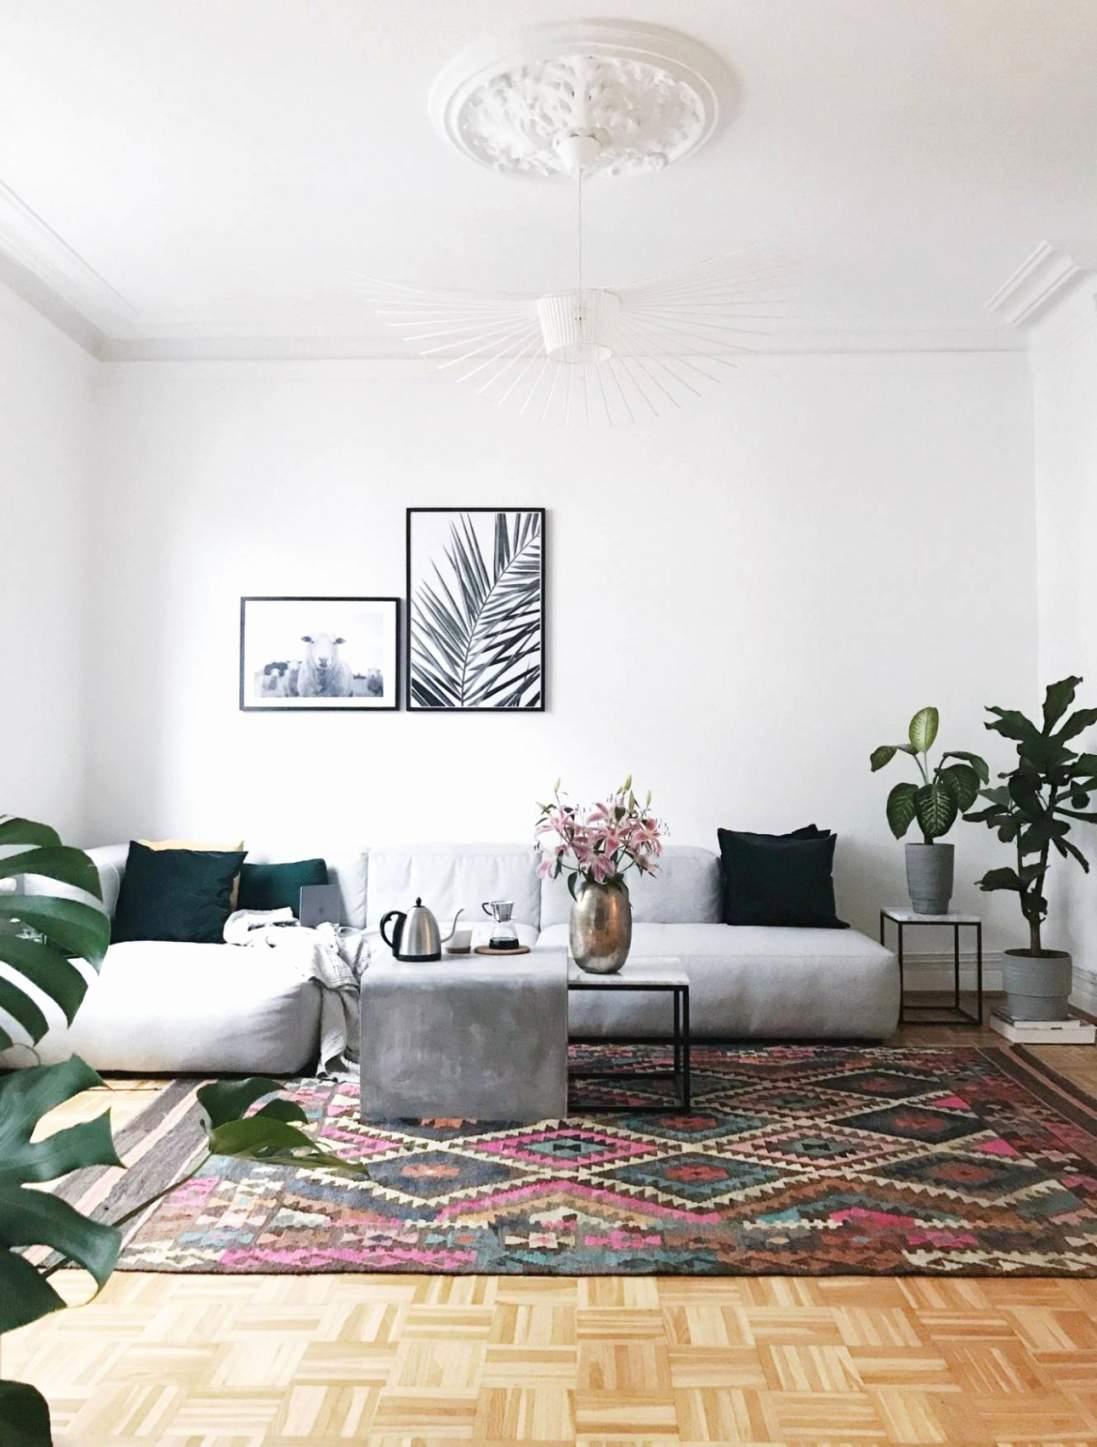 wanddeko wohnzimmer holz elegant holz dekoration wohnzimmer schon holz im bad an der wand neu of wanddeko wohnzimmer holz